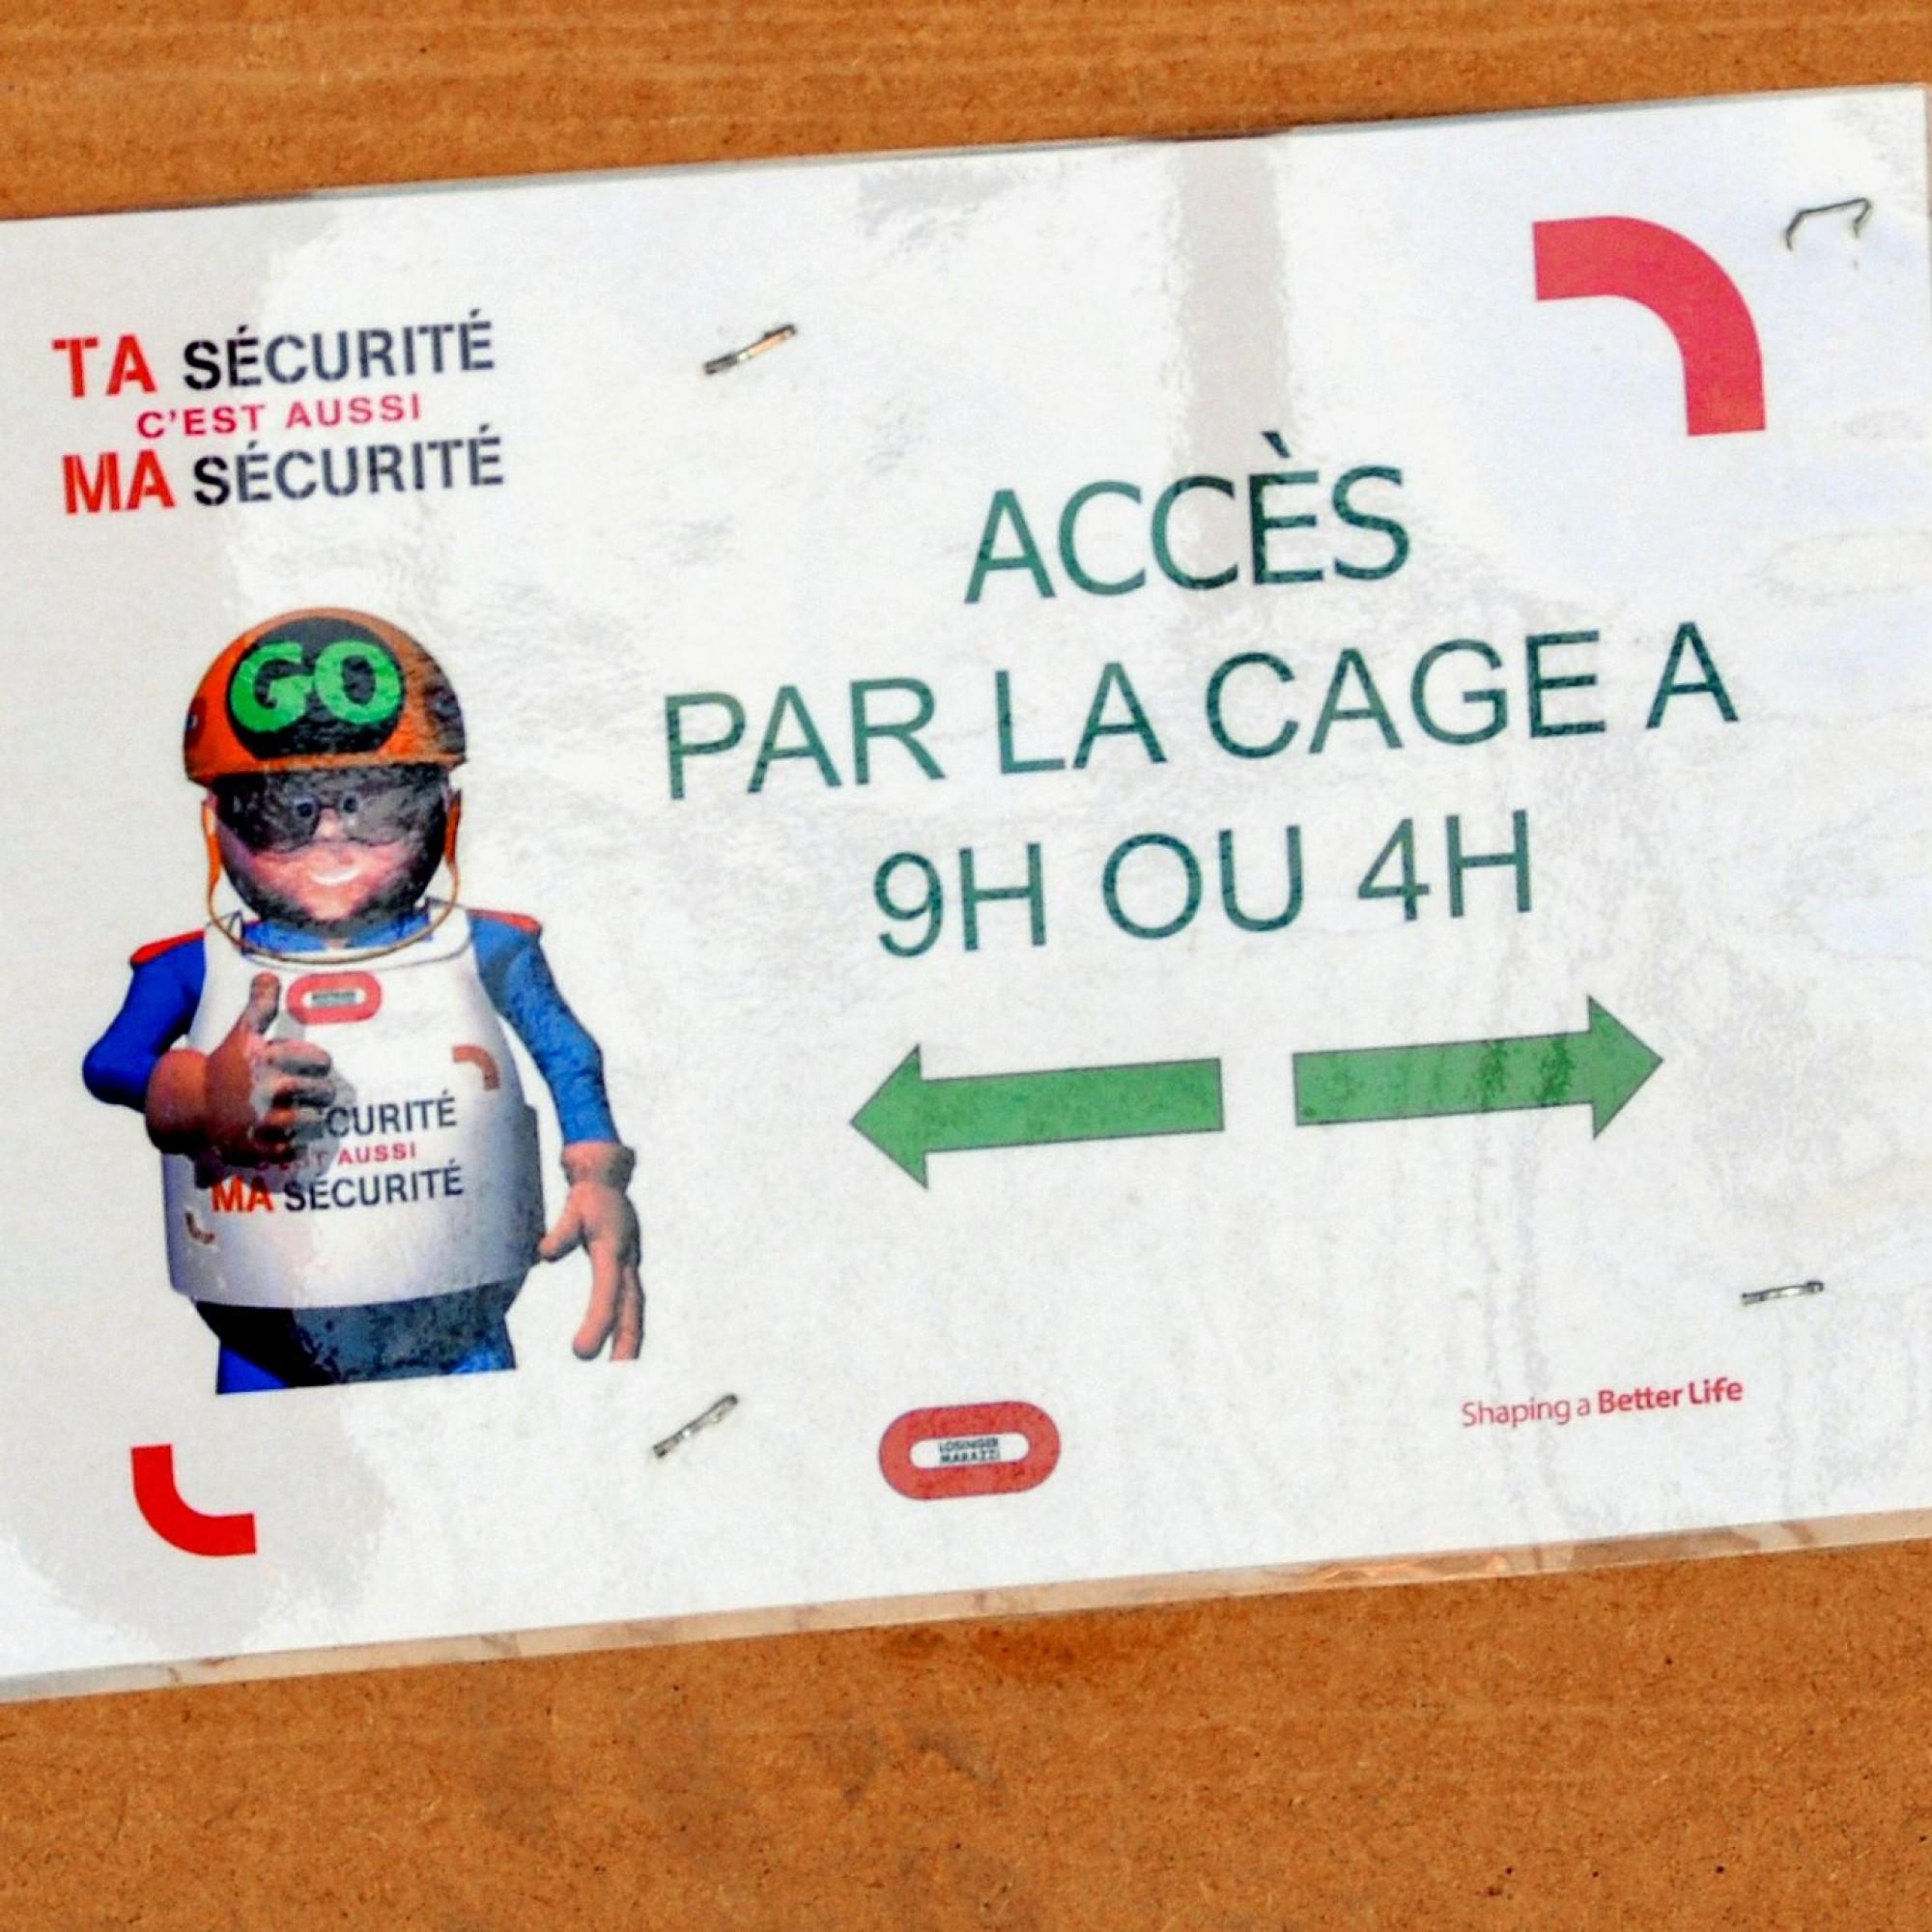 Zugang bei 4 und 9 Uhr: Man griff zur ungewöhnlichen Analogie des Zifferblatts, um die einzelnen Gebäudeteile zu verorten.